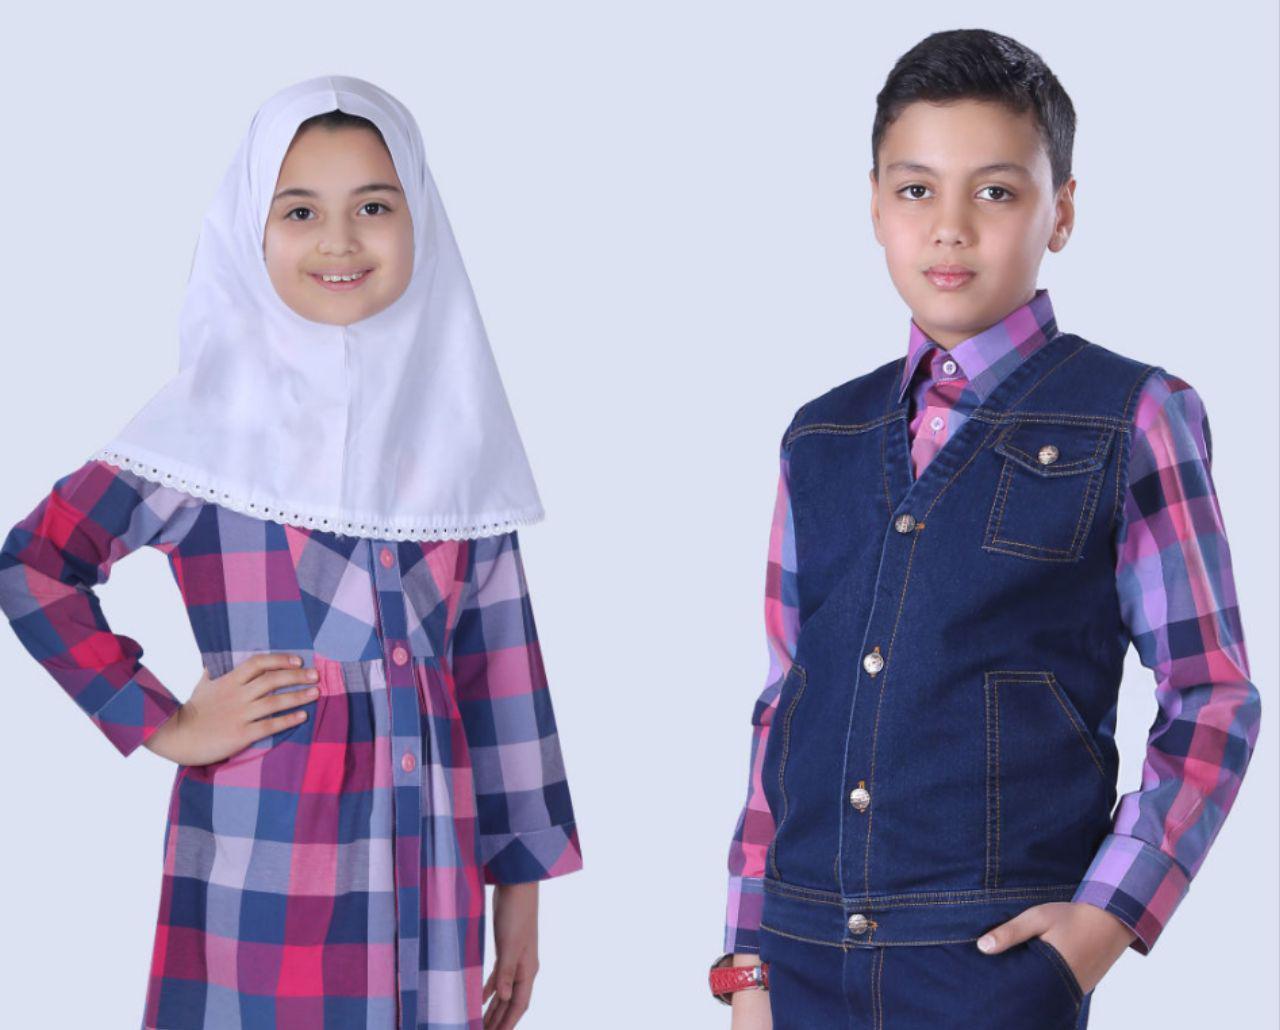 لباس هر گروه و مردمی شاخص اصلی، فرهنگی و تمدنی آن گروه است